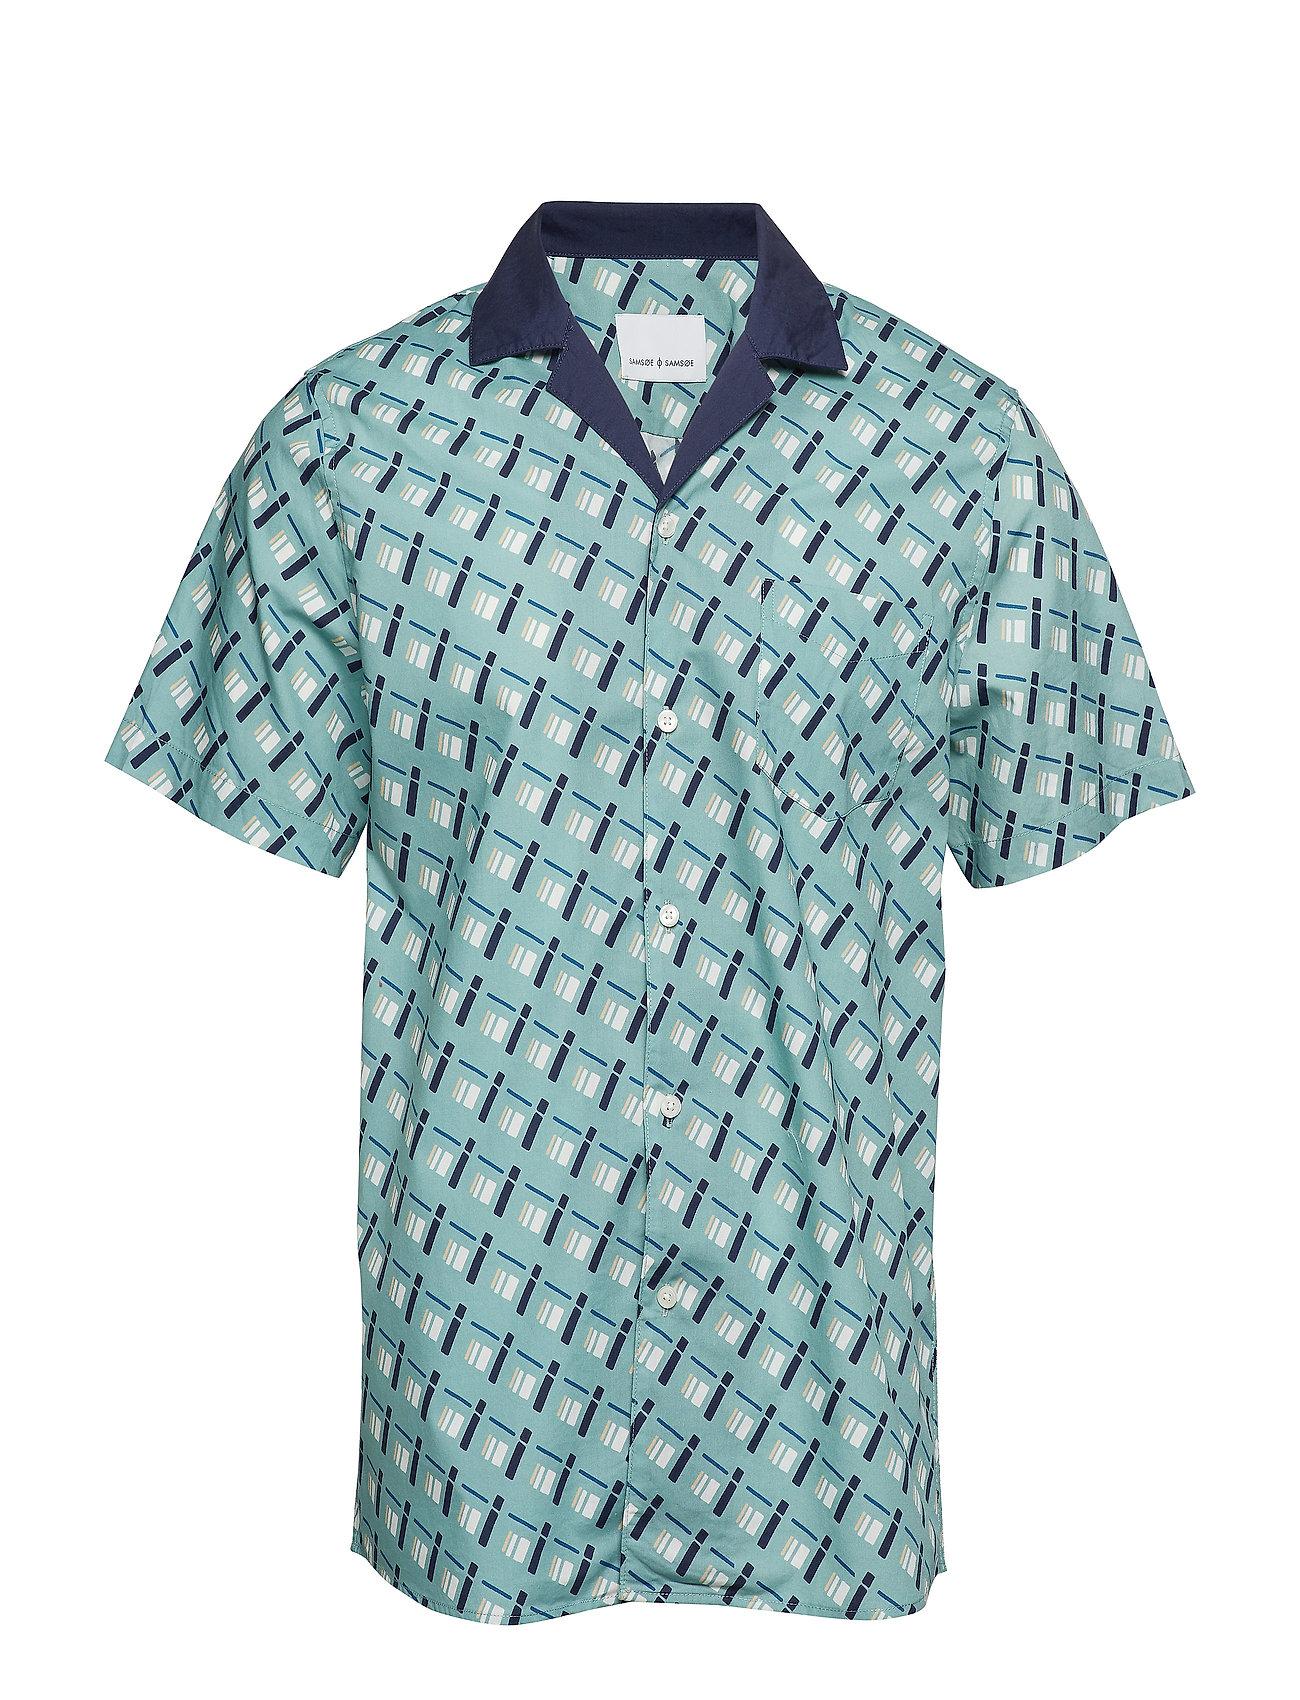 Samsøe & Samsøe Einar SA shirt aop 8015 - GREEN MATCHBOX